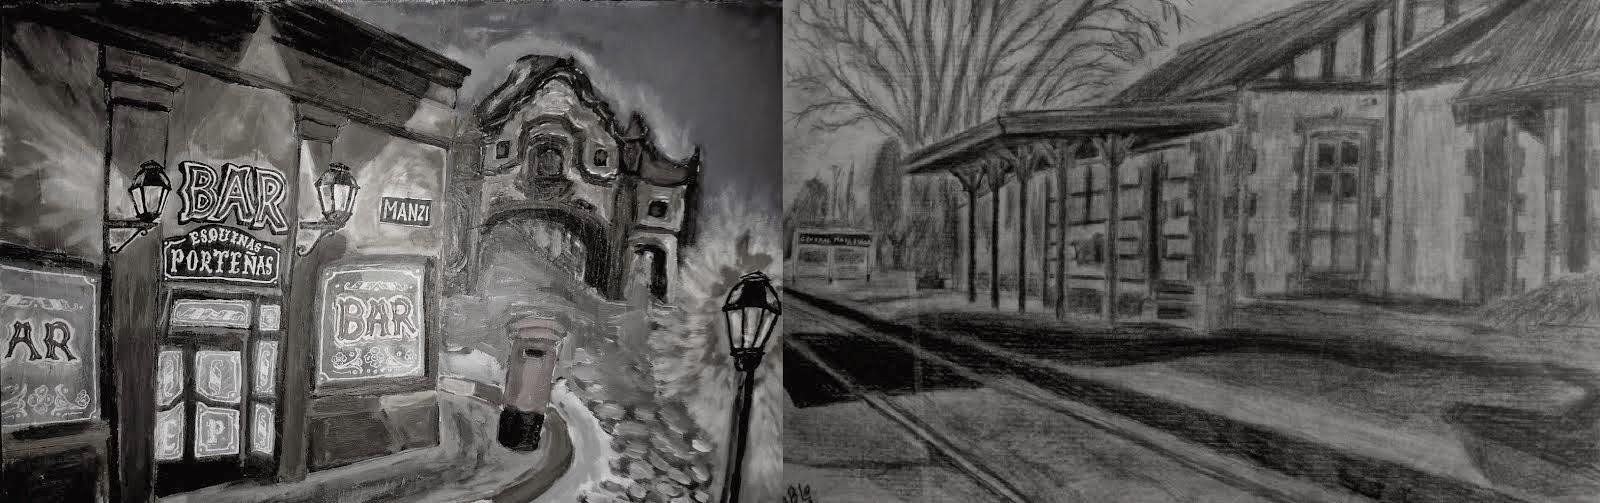 Pablo Alonso - paisajes pictoricos del barrio al pueblo